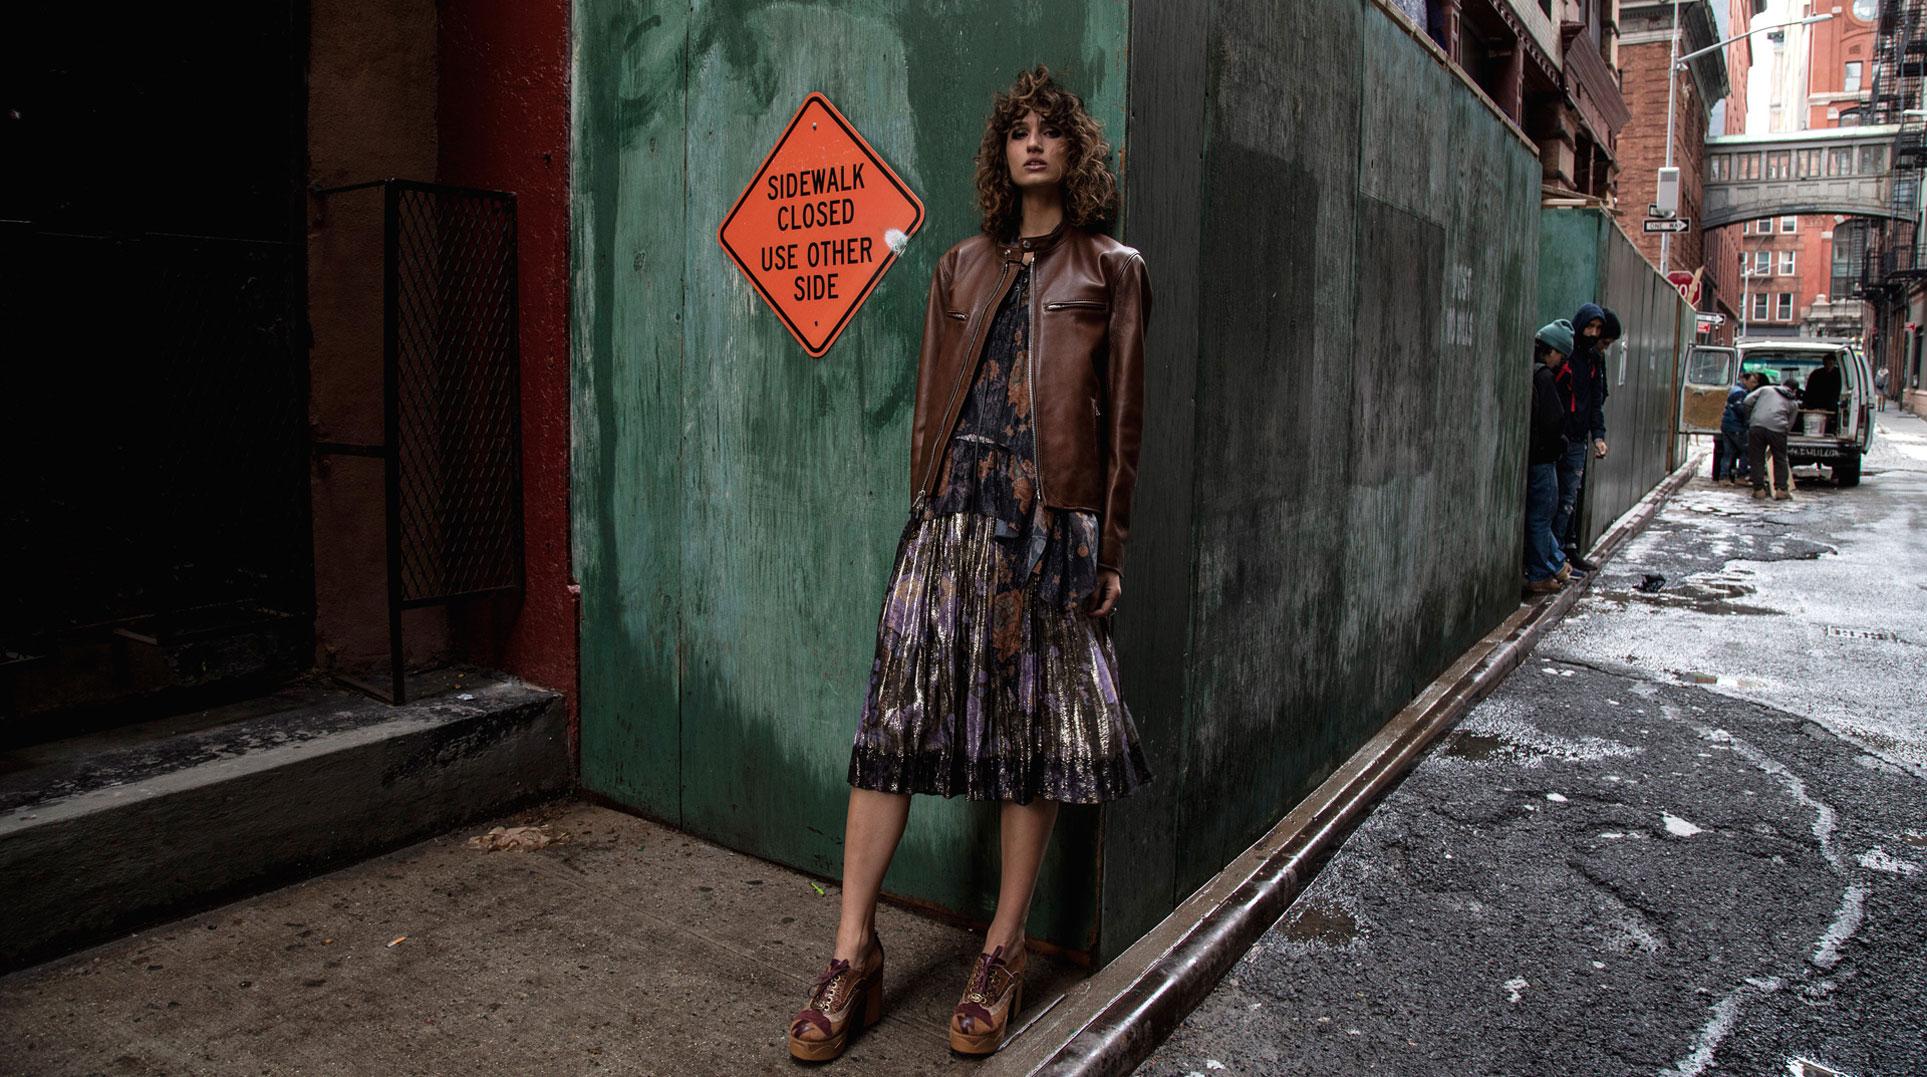 Наступление зимы на улицах Нью-Йорка / модель Роберта Пекораро / фото 01